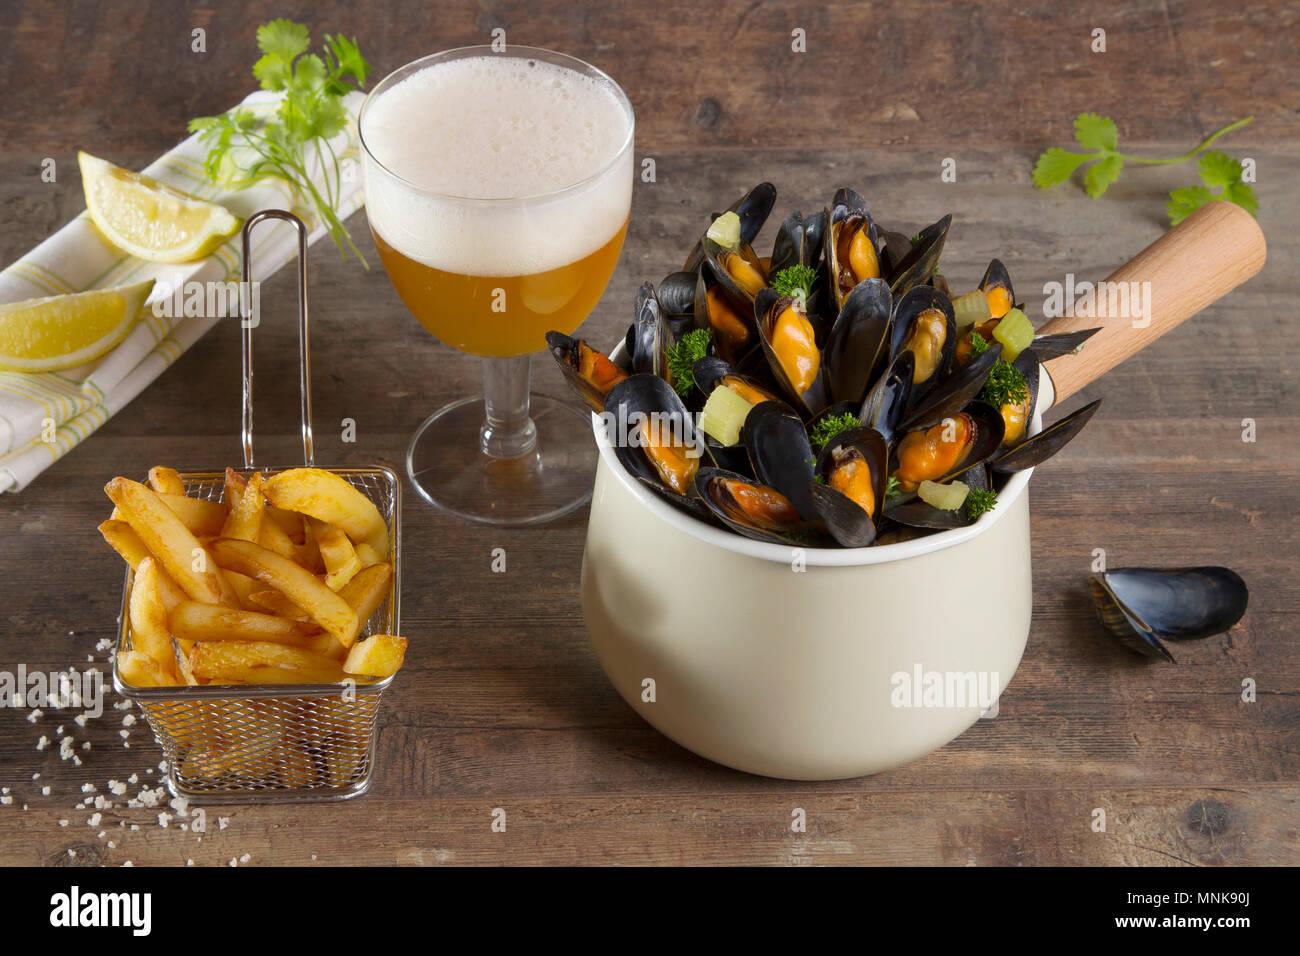 Muscheln, Pommes frites und ein halbes Pint Bier Stockbild